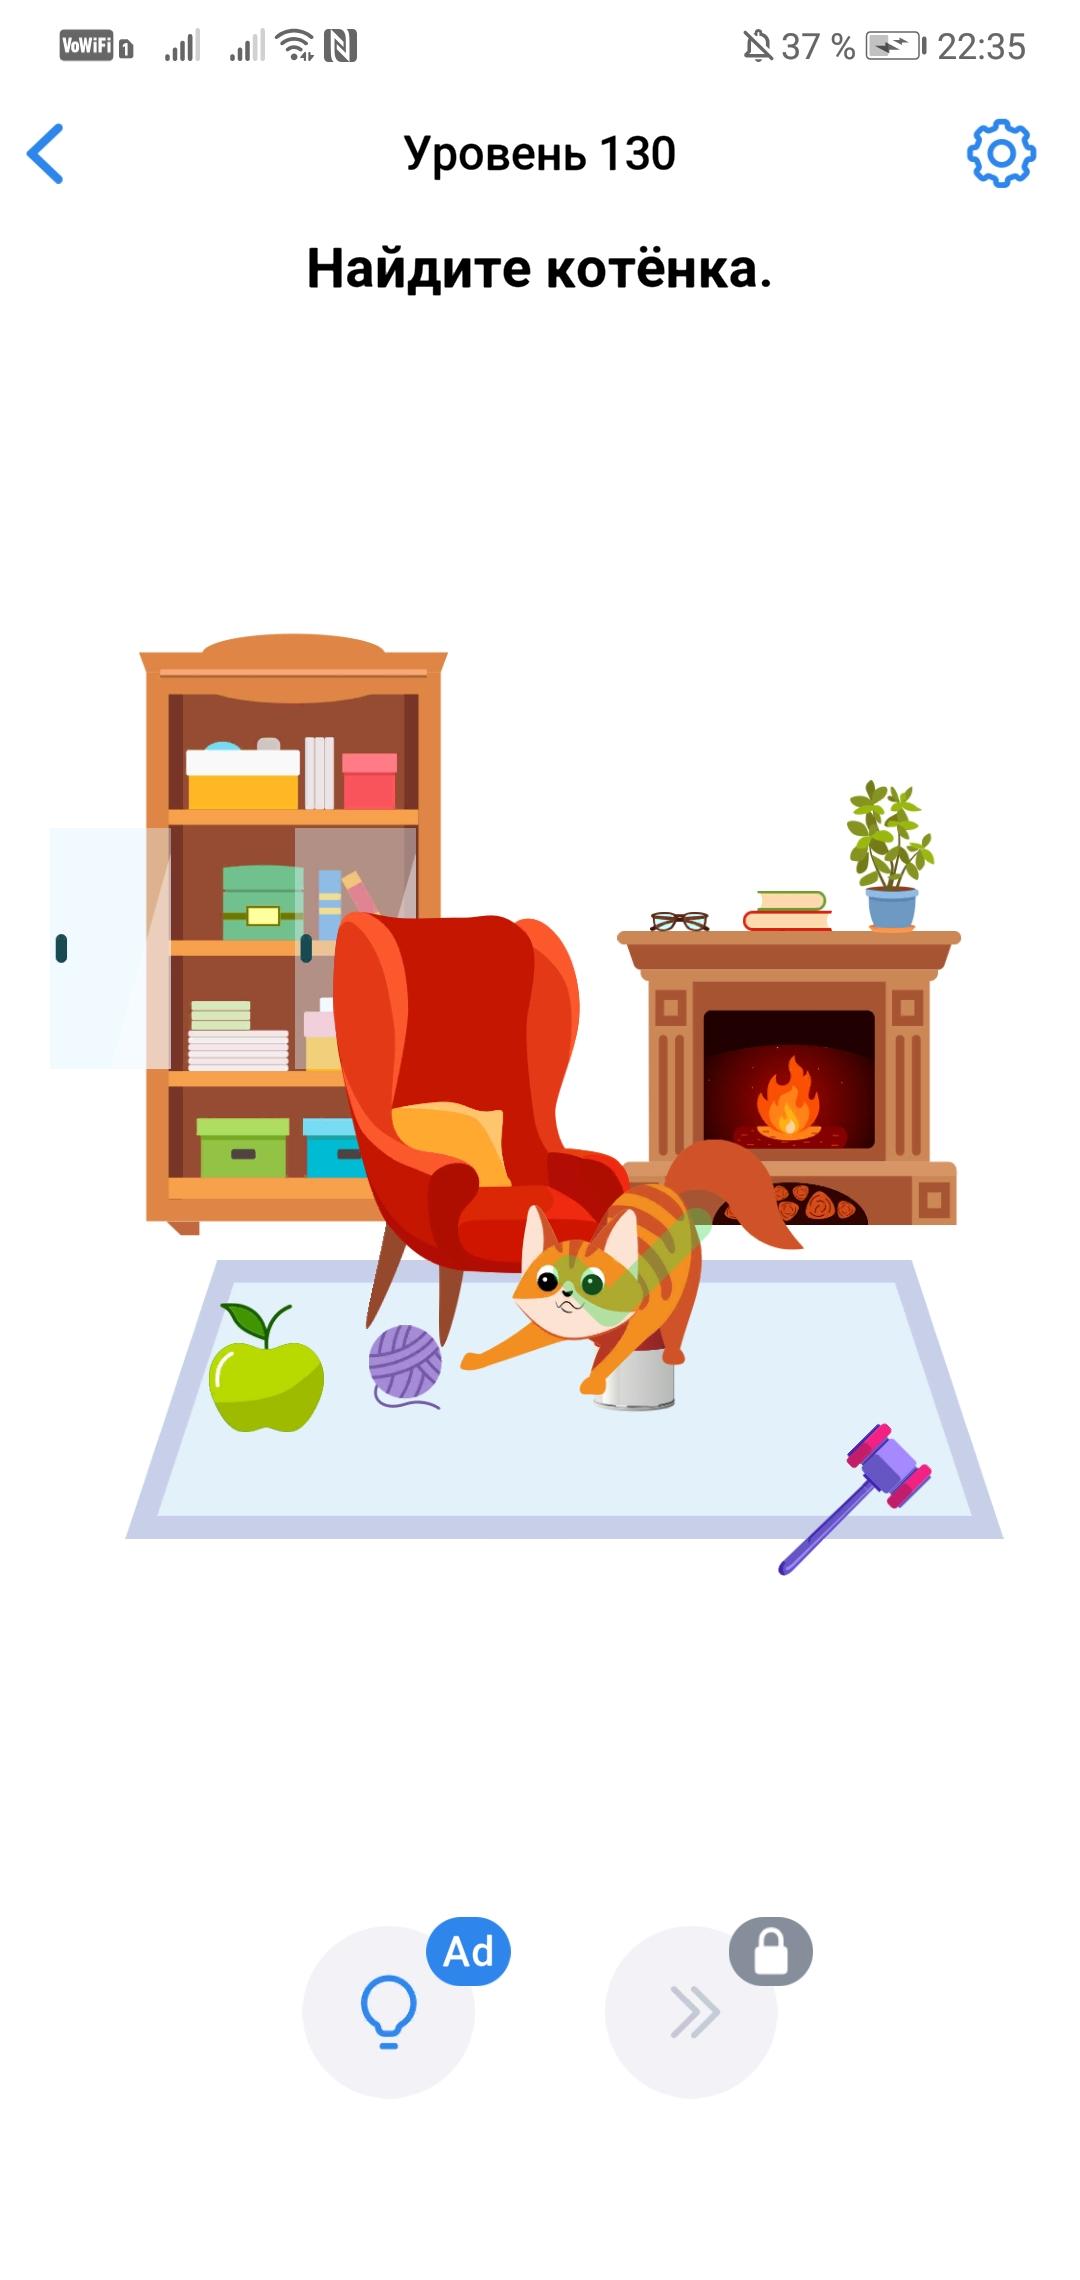 Easy Game - 130 уровень - Найдите котёнка.